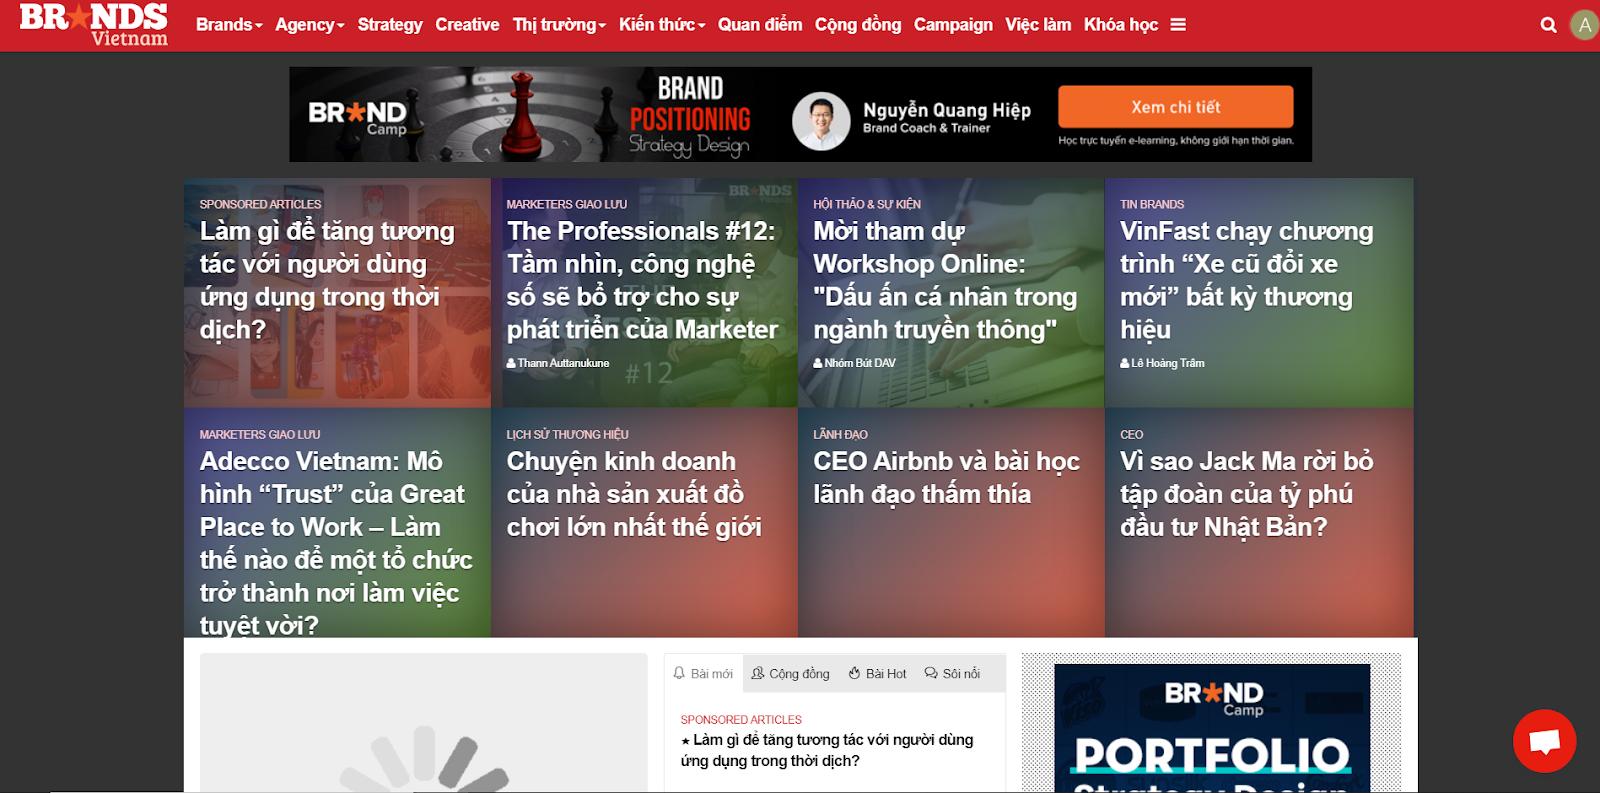 Brands-Vietnam-la-mot-website-noi-tieng-voi-nhung-ban-tre-co-dam-me-ve-content-marketing